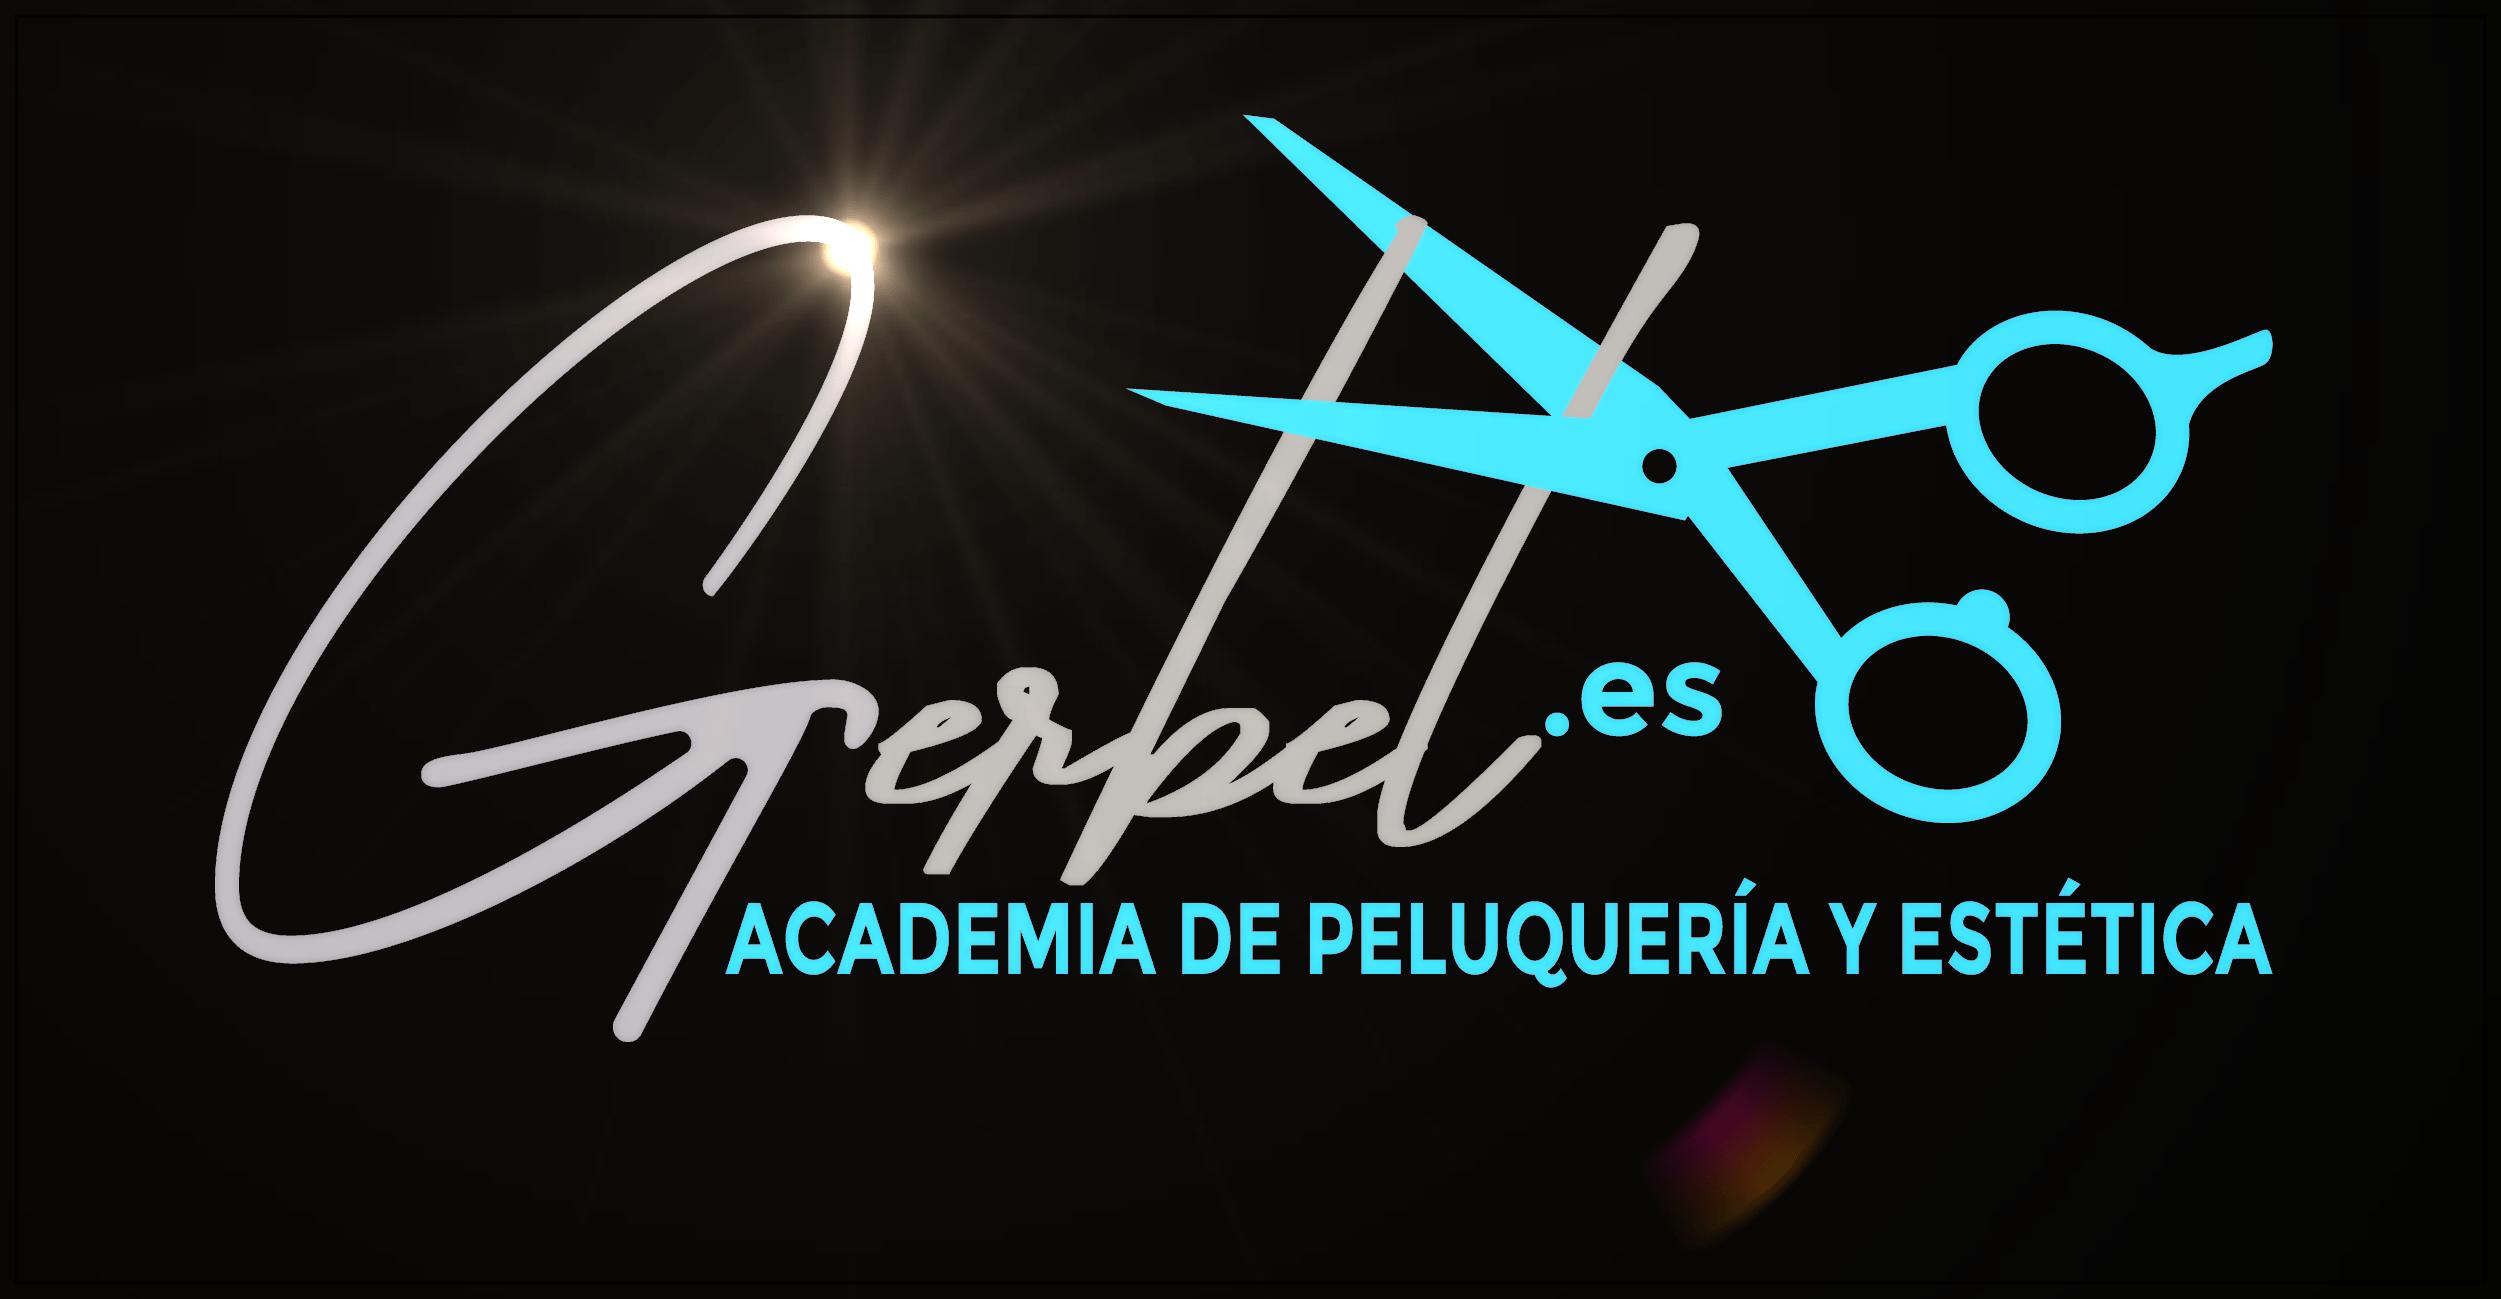 Gerbel